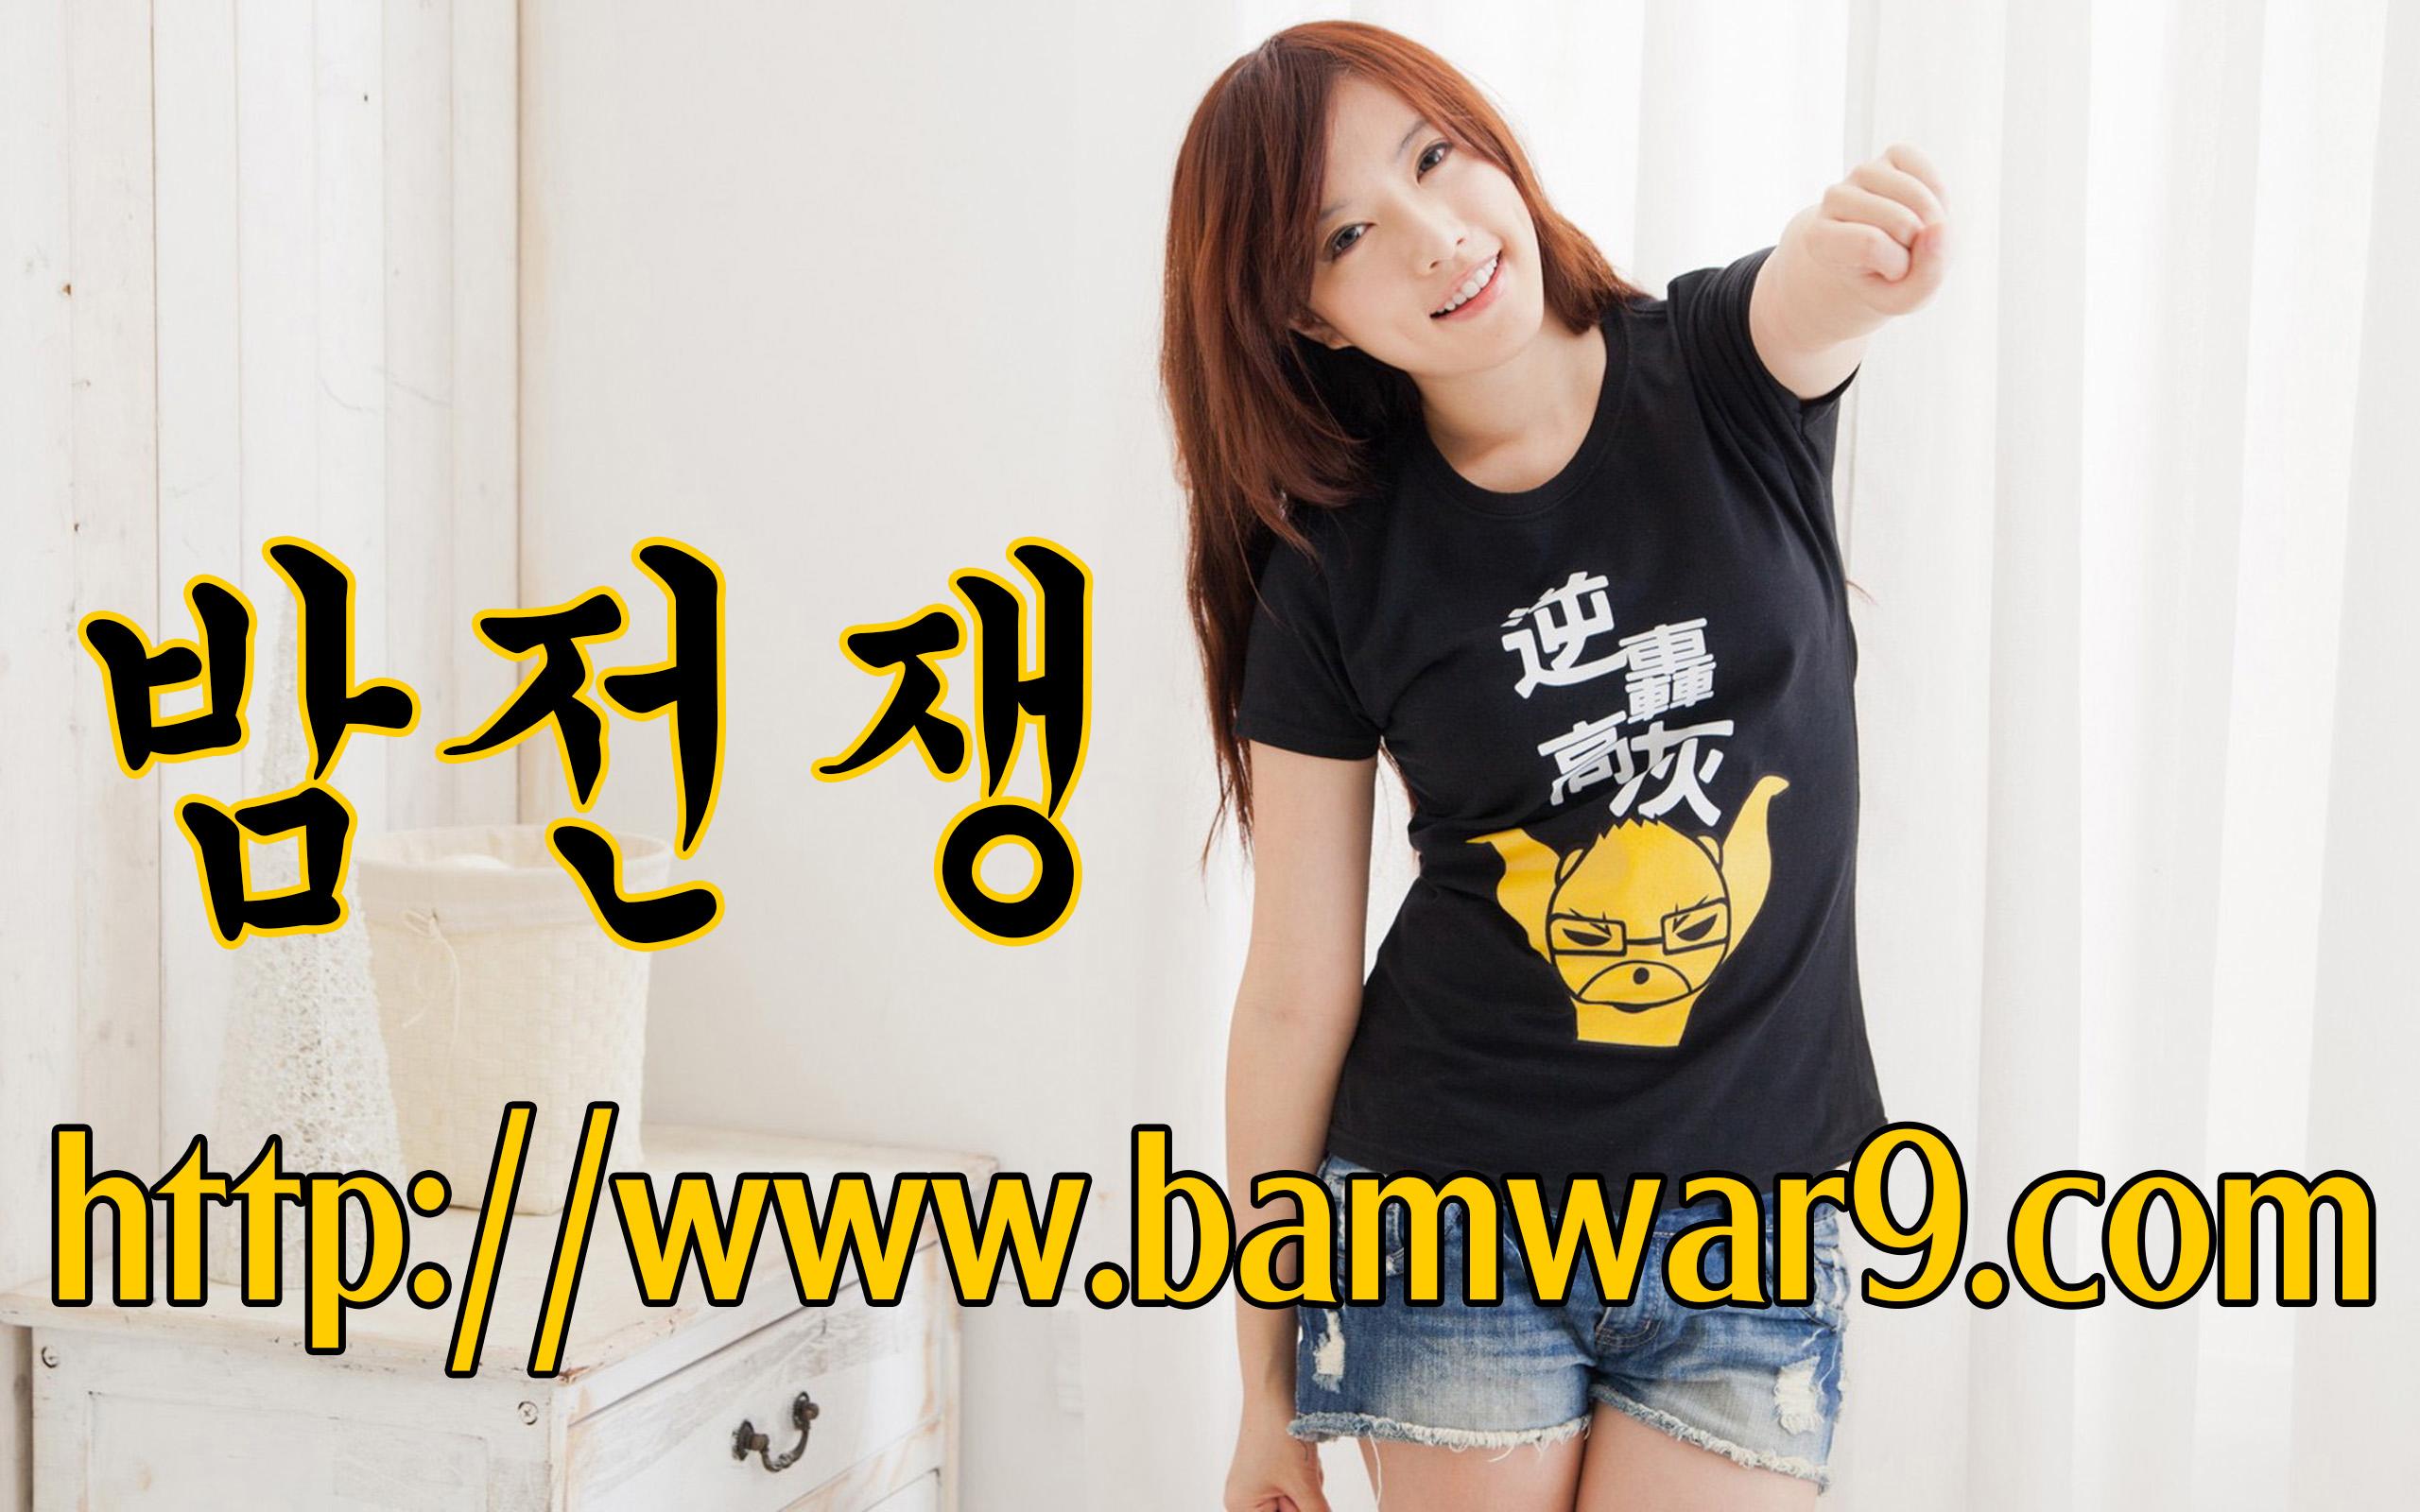 신논현오피